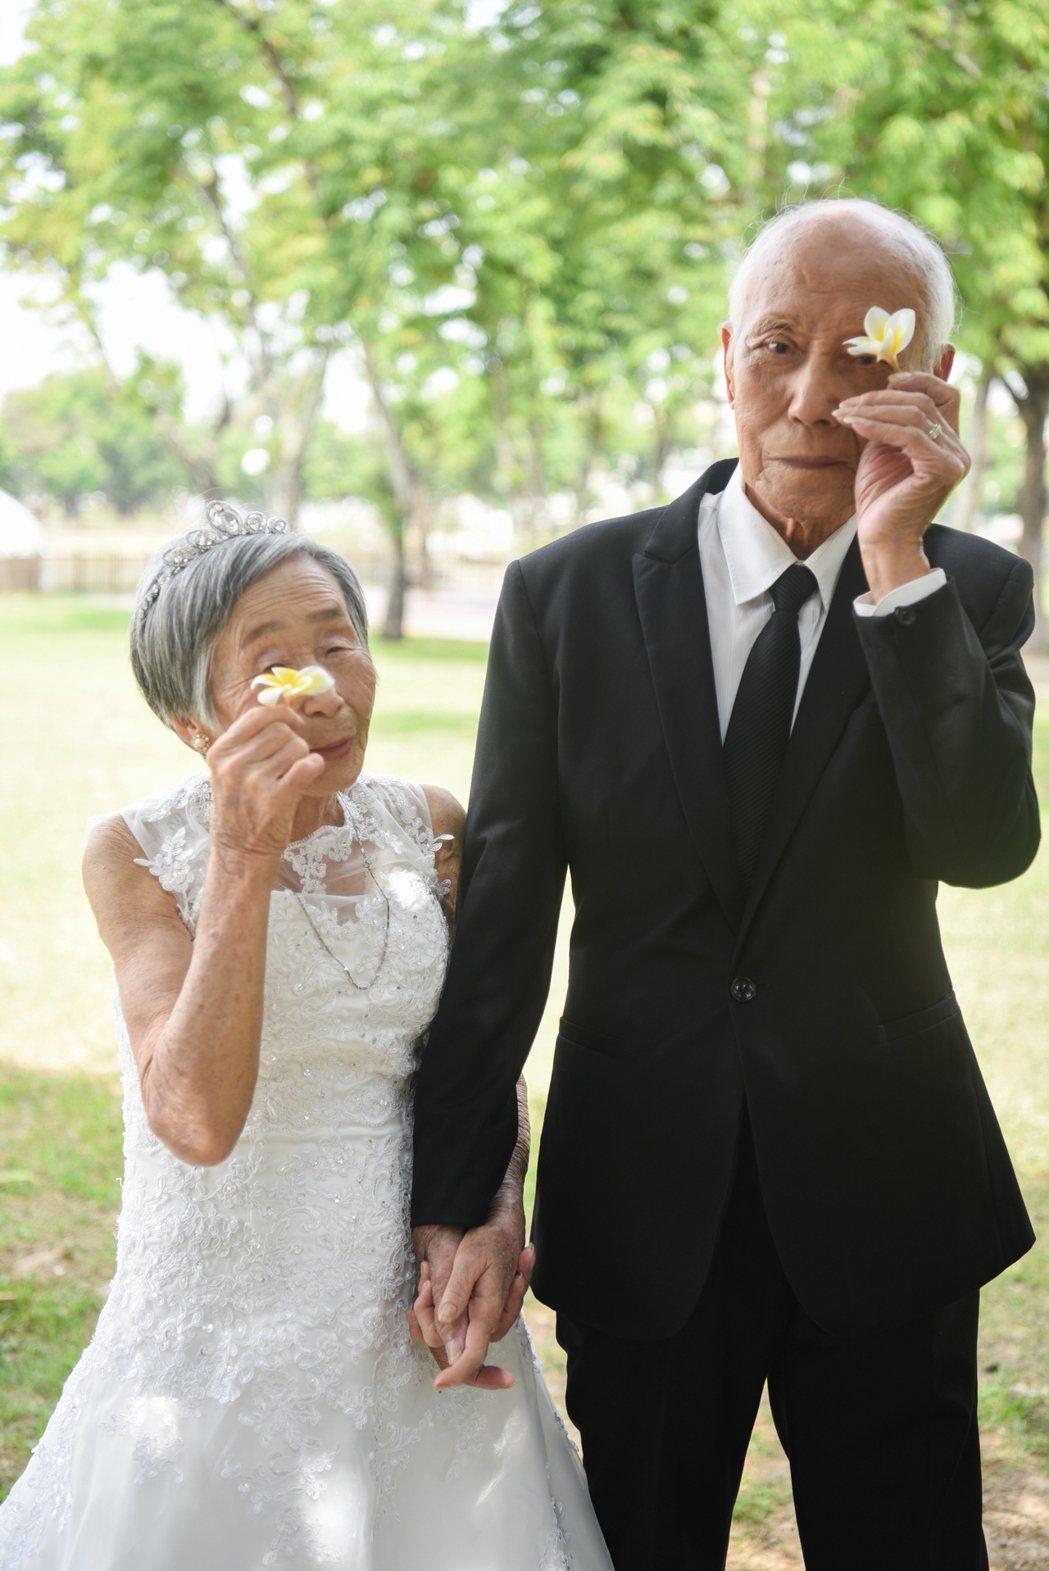 96歲鄒超宏、88歲劉競雄夫婦。平時坐在輪椅上的爺爺,拍婚紗這天堅持站起來牽著太...